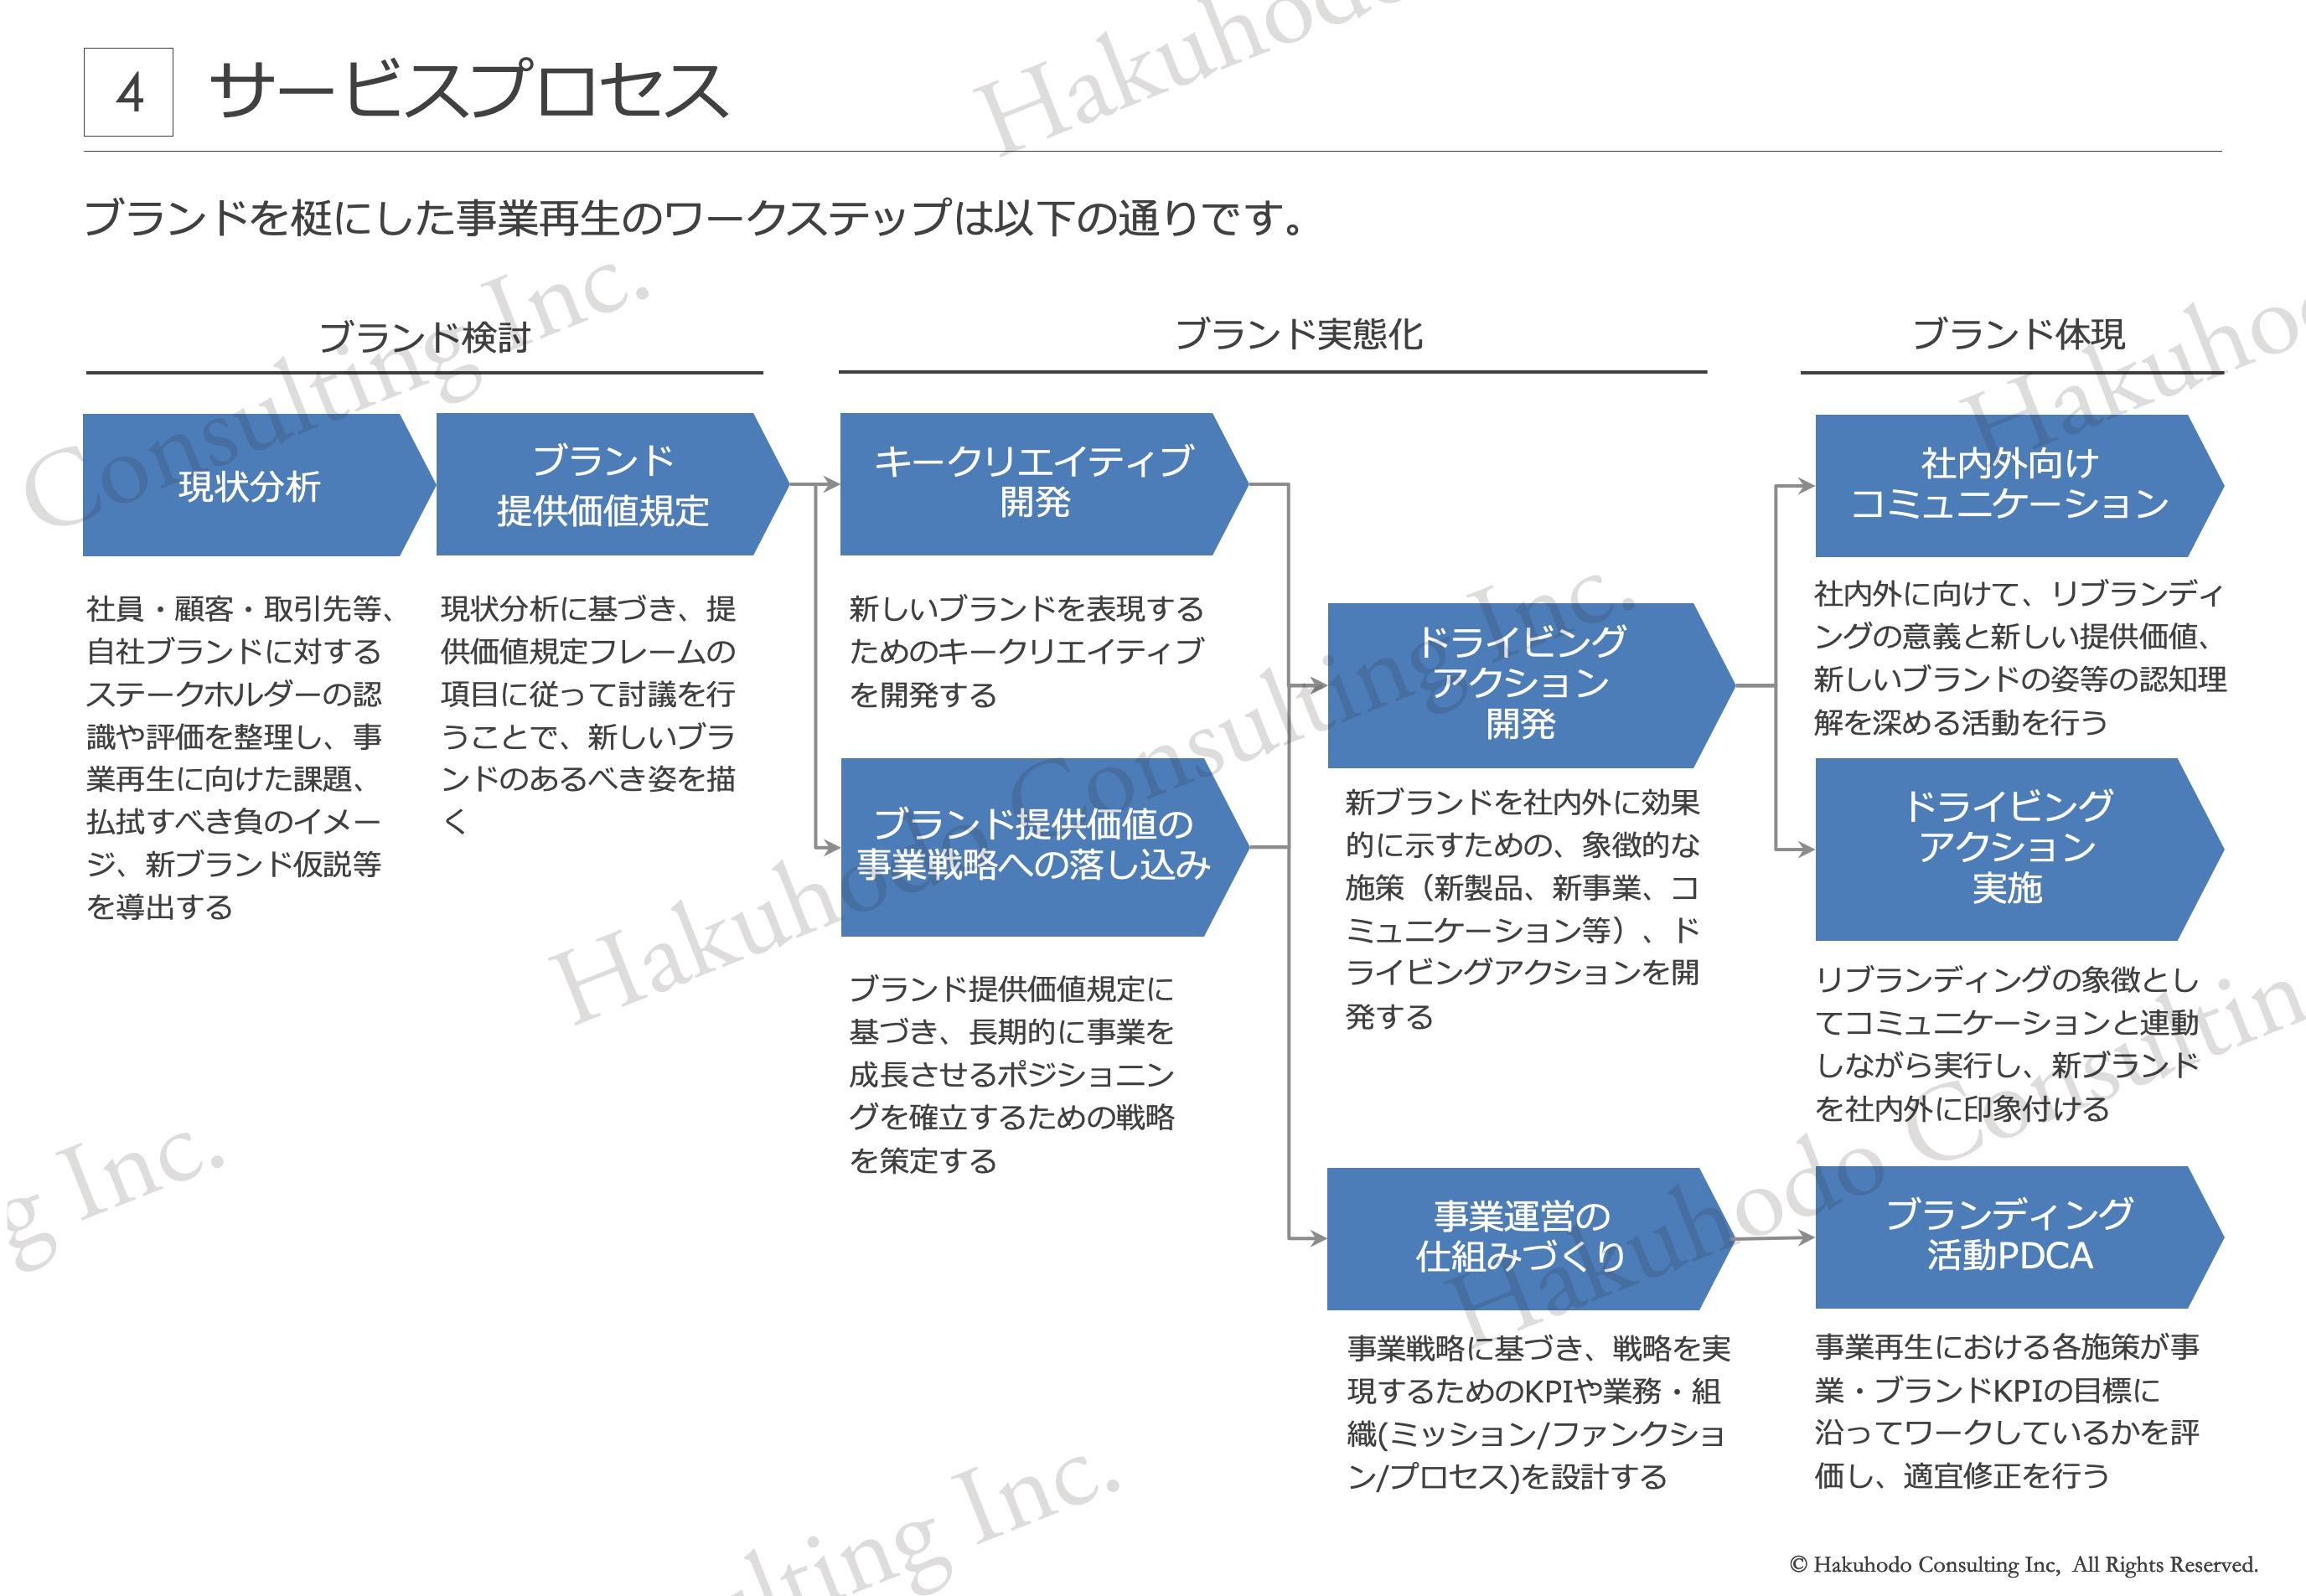 ブランドを梃にした事業再生のワークステップ